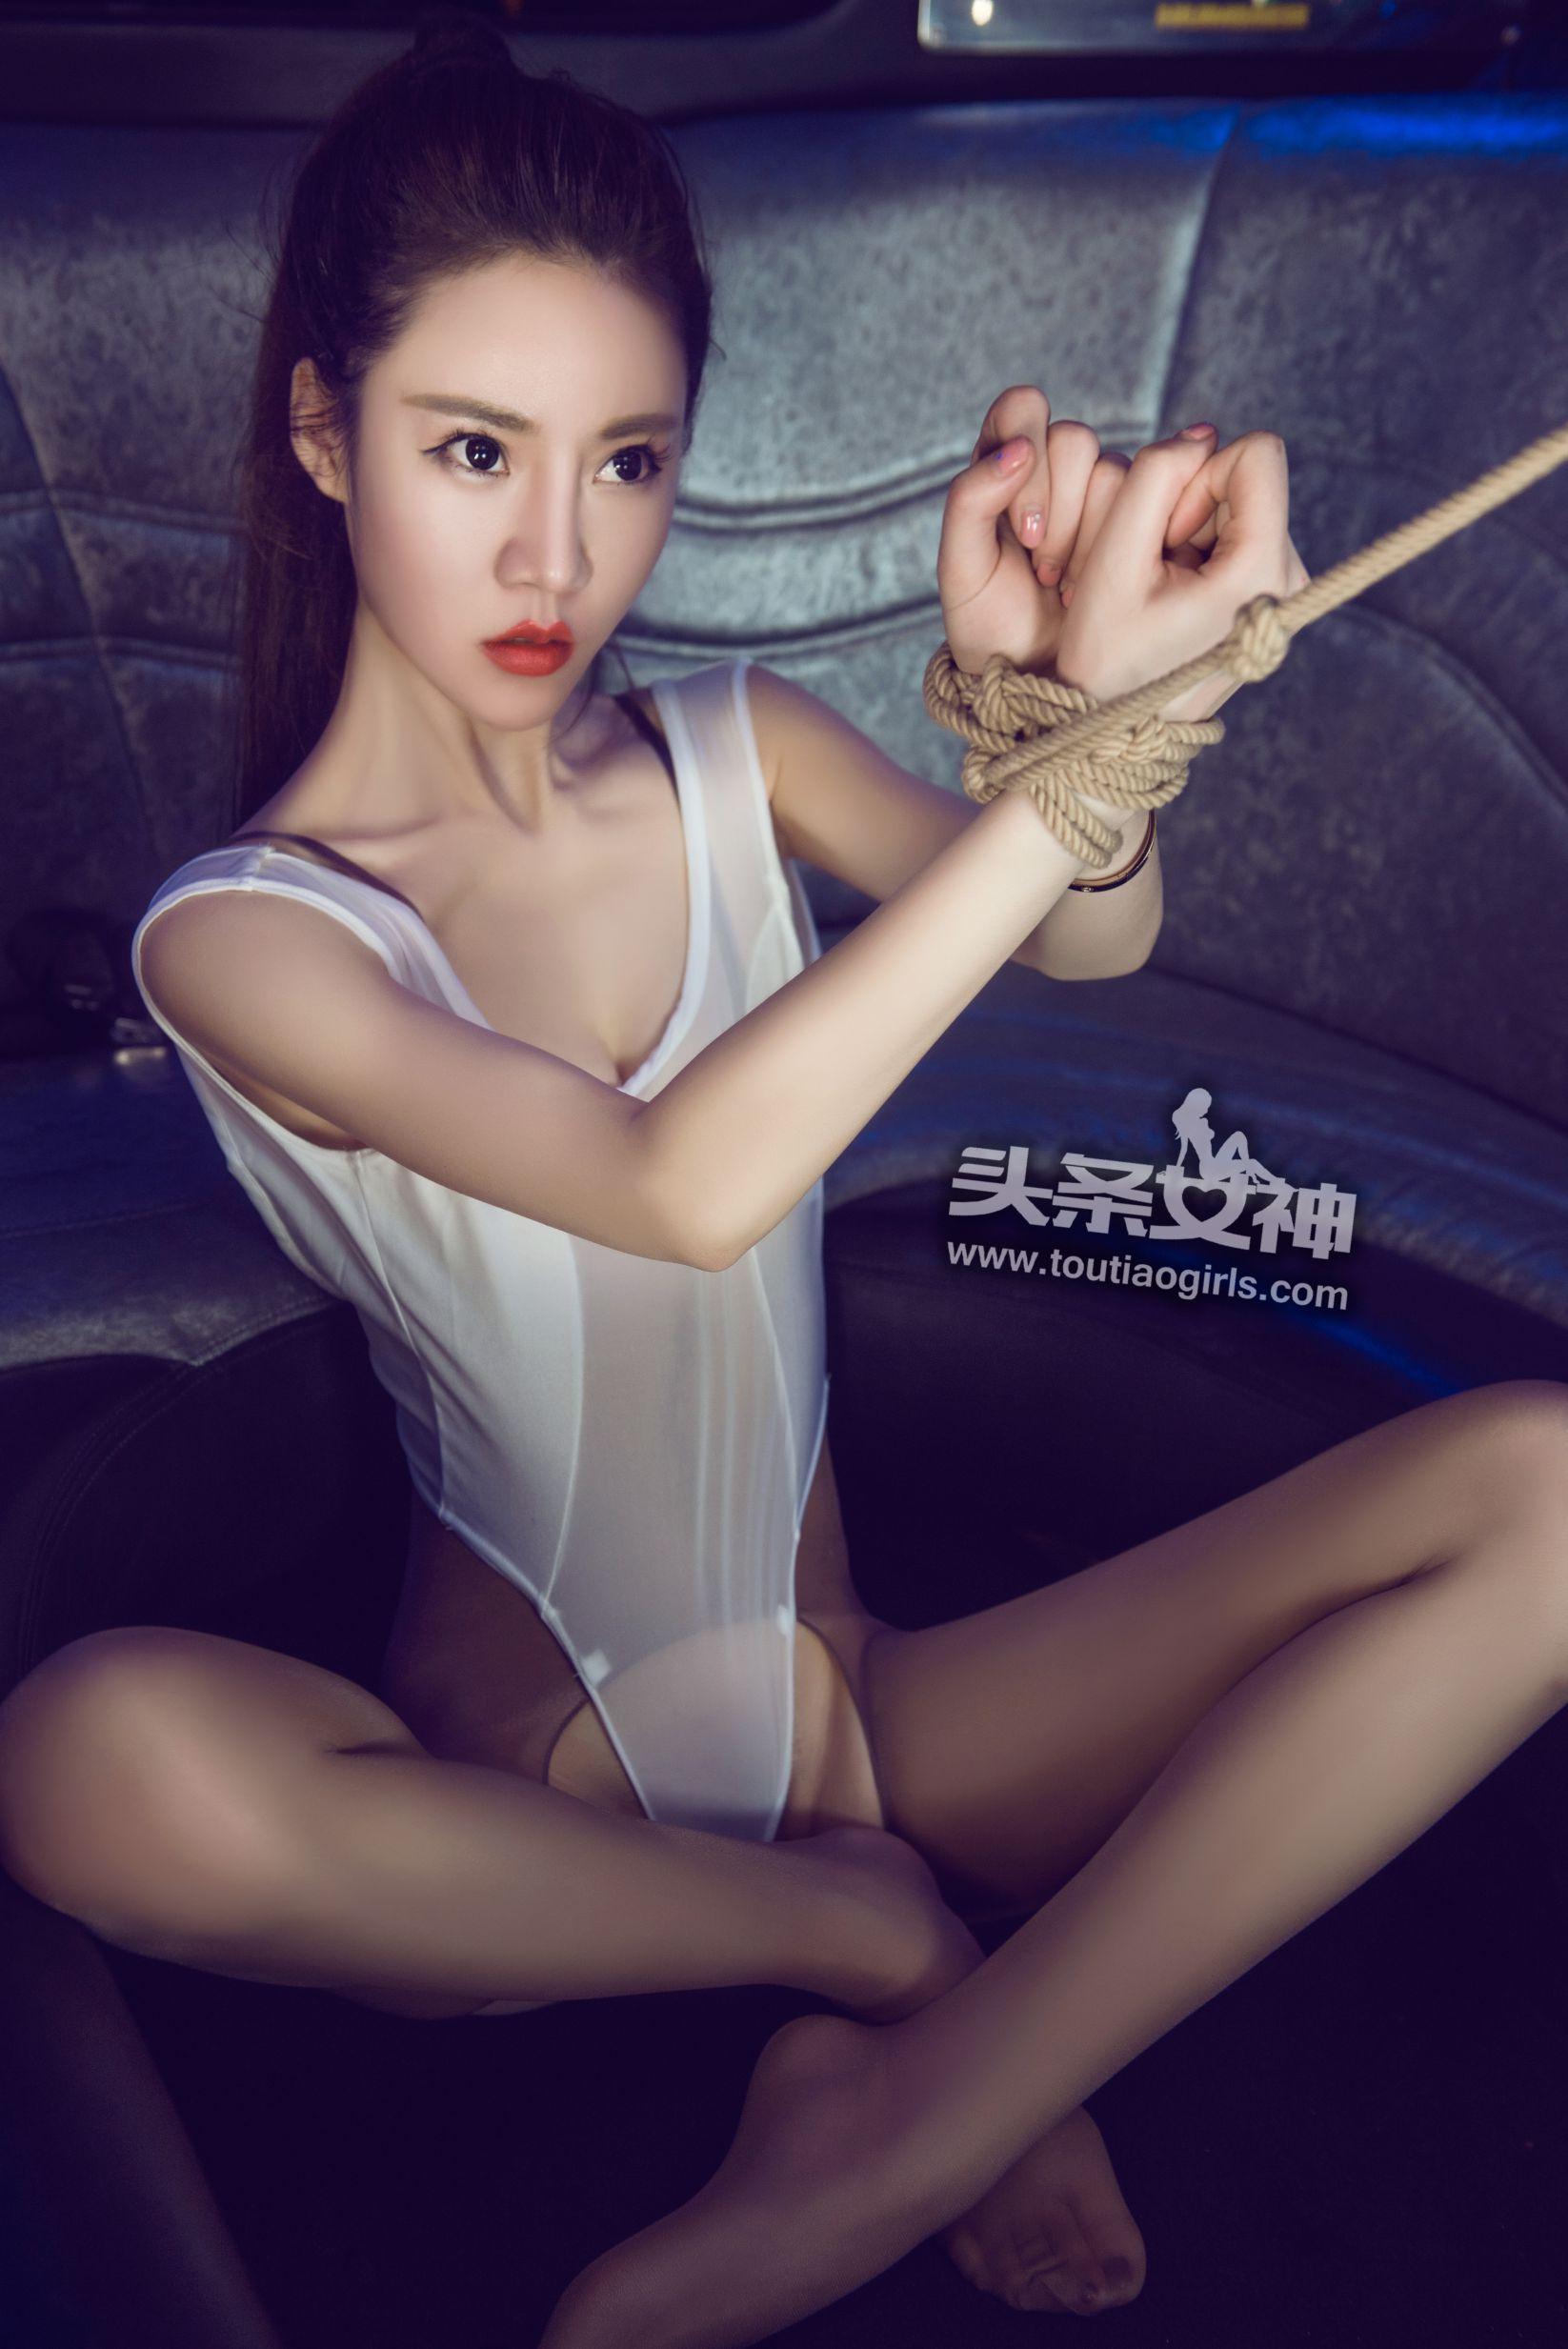 樊安妮 - 完全紧缚 人体写真套图